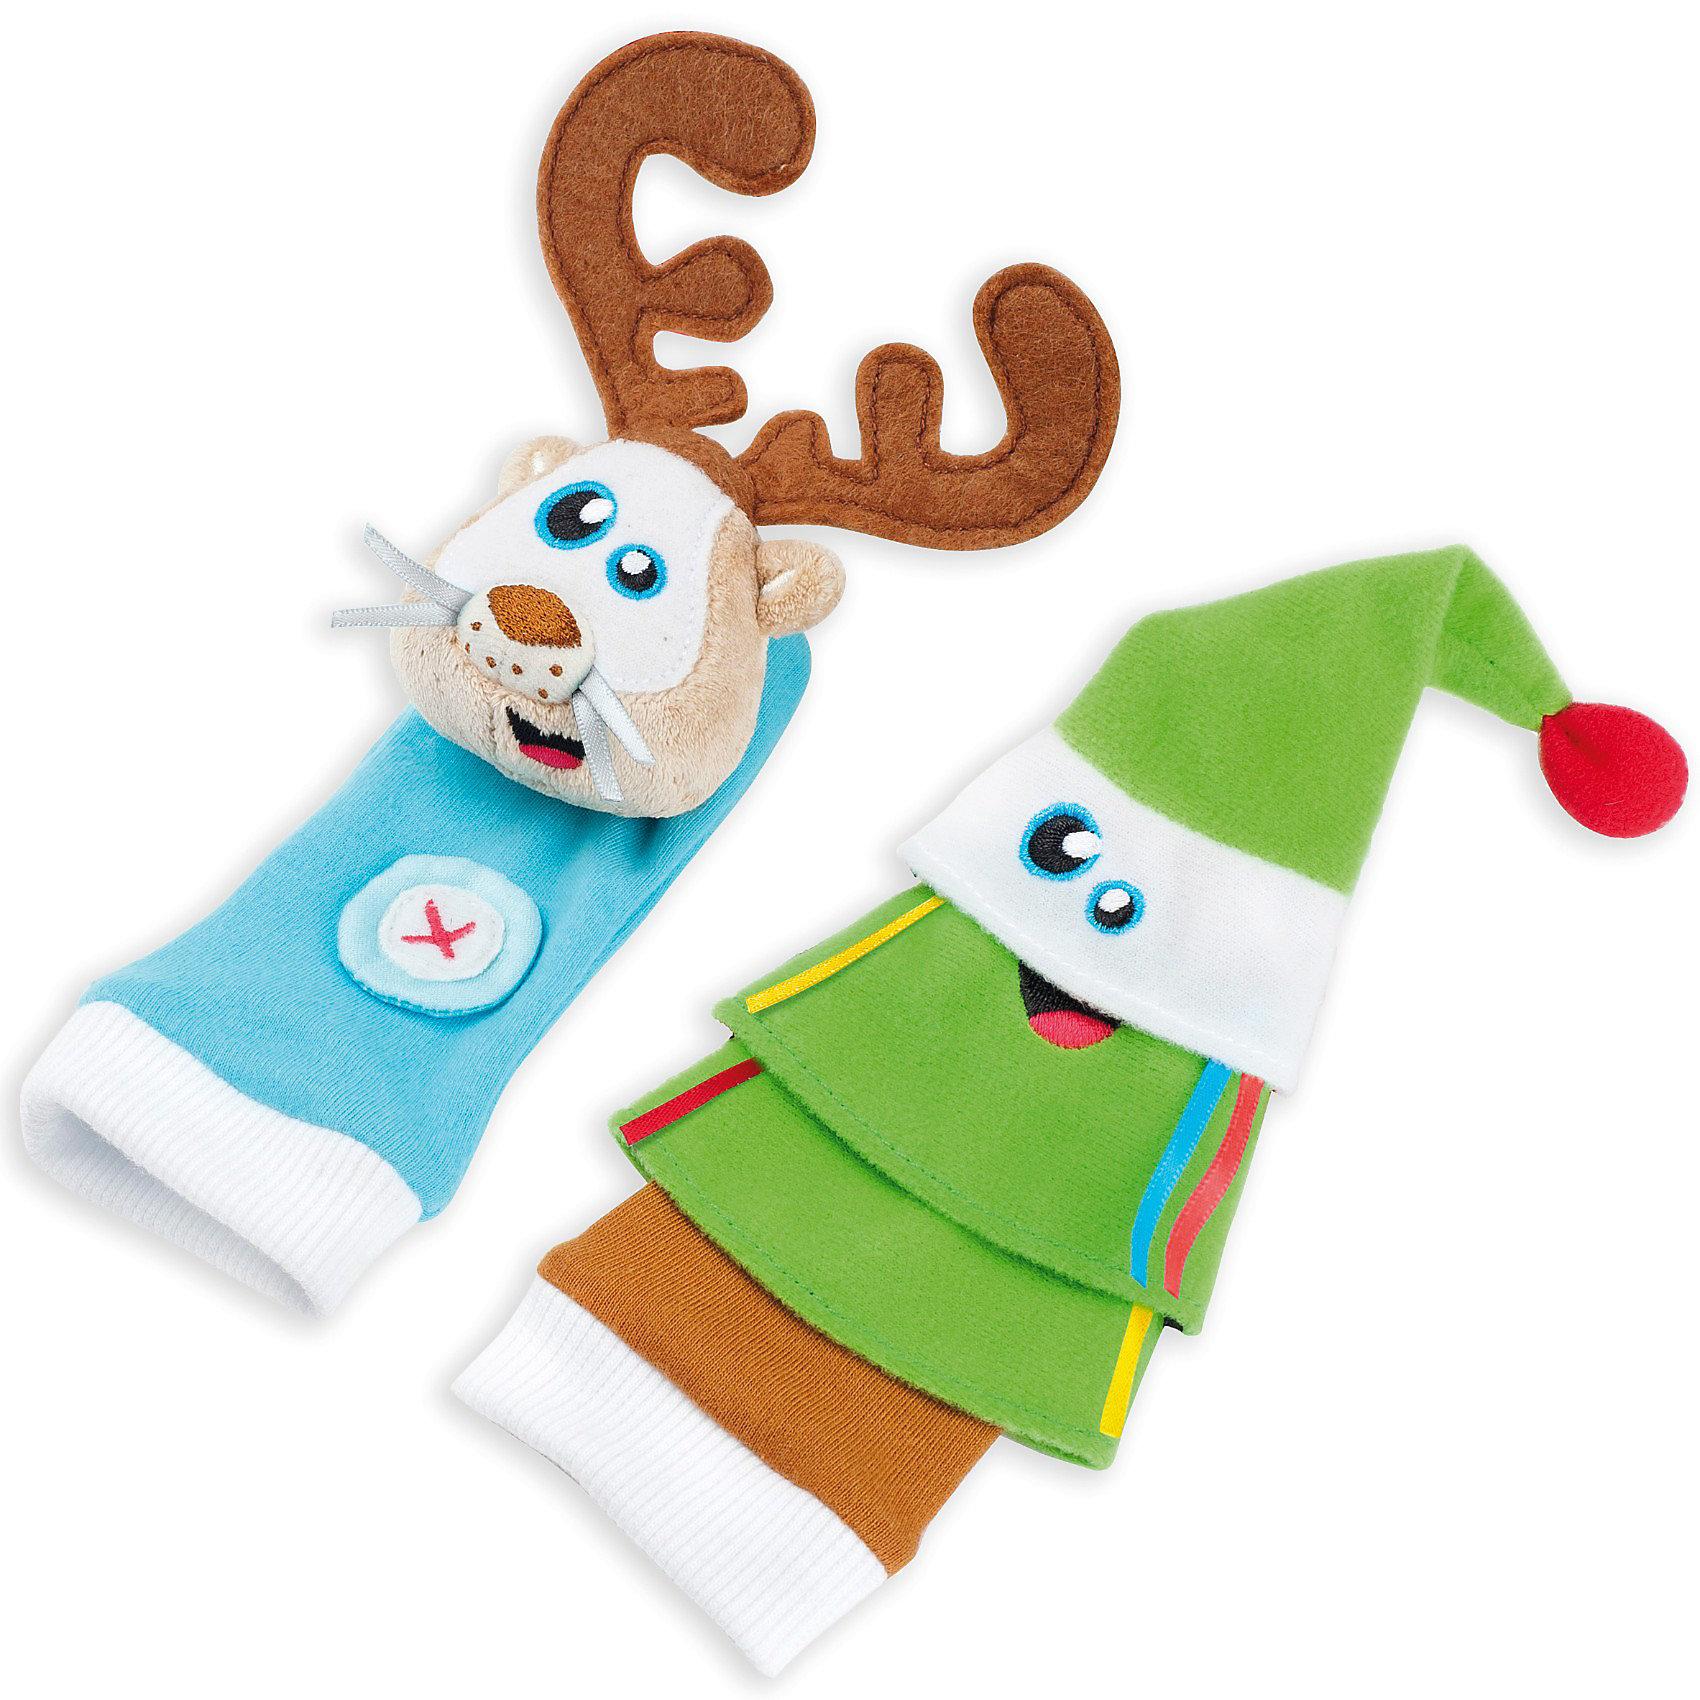 Развивающие игрушки-носочки «Олененок и елочка» 0+ BabymoovИгрушки для малышей<br>Развивающие игрушки-носочки «Олененок и елочка» 0+ Babymoov (Бейбимув)- это яркая красочная игрушка для вашего малыша.<br>Оригинальные разноцветные носочки развивают визуальное, слуховое и тактильное восприятие ребенка, тренируют мелкую моторику. Носочки в виде олененка и елочки изготовлены из материалов разной фактуры, имеют шуршащий и гремящий элементы. Носочки можно надеть как на ножки, так и на ручки, и тогда ребенок будет играть с ними, энергично двигая руками или ногами. Взрослые могут надеть носочки на пальцы и устроить кукольное представление или рассказать сказку на ночь.<br><br>Дополнительная информация:<br><br>- В комплекте: 2 носочка<br>- Материал: полиэстер<br>- Допускается бережная стирка при 30 °C<br>- Размер упаковки: 12 х 4,5 х 4 см.<br>- Вес: 120 гр.<br><br>Развивающие игрушки-носочки «Олененок и елочка» 0+ Babymoov (Бейбимув) можно купить в нашем интернет-магазине.<br><br>Ширина мм: 140<br>Глубина мм: 200<br>Высота мм: 50<br>Вес г: 50<br>Возраст от месяцев: 9<br>Возраст до месяцев: 48<br>Пол: Унисекс<br>Возраст: Детский<br>SKU: 2457619